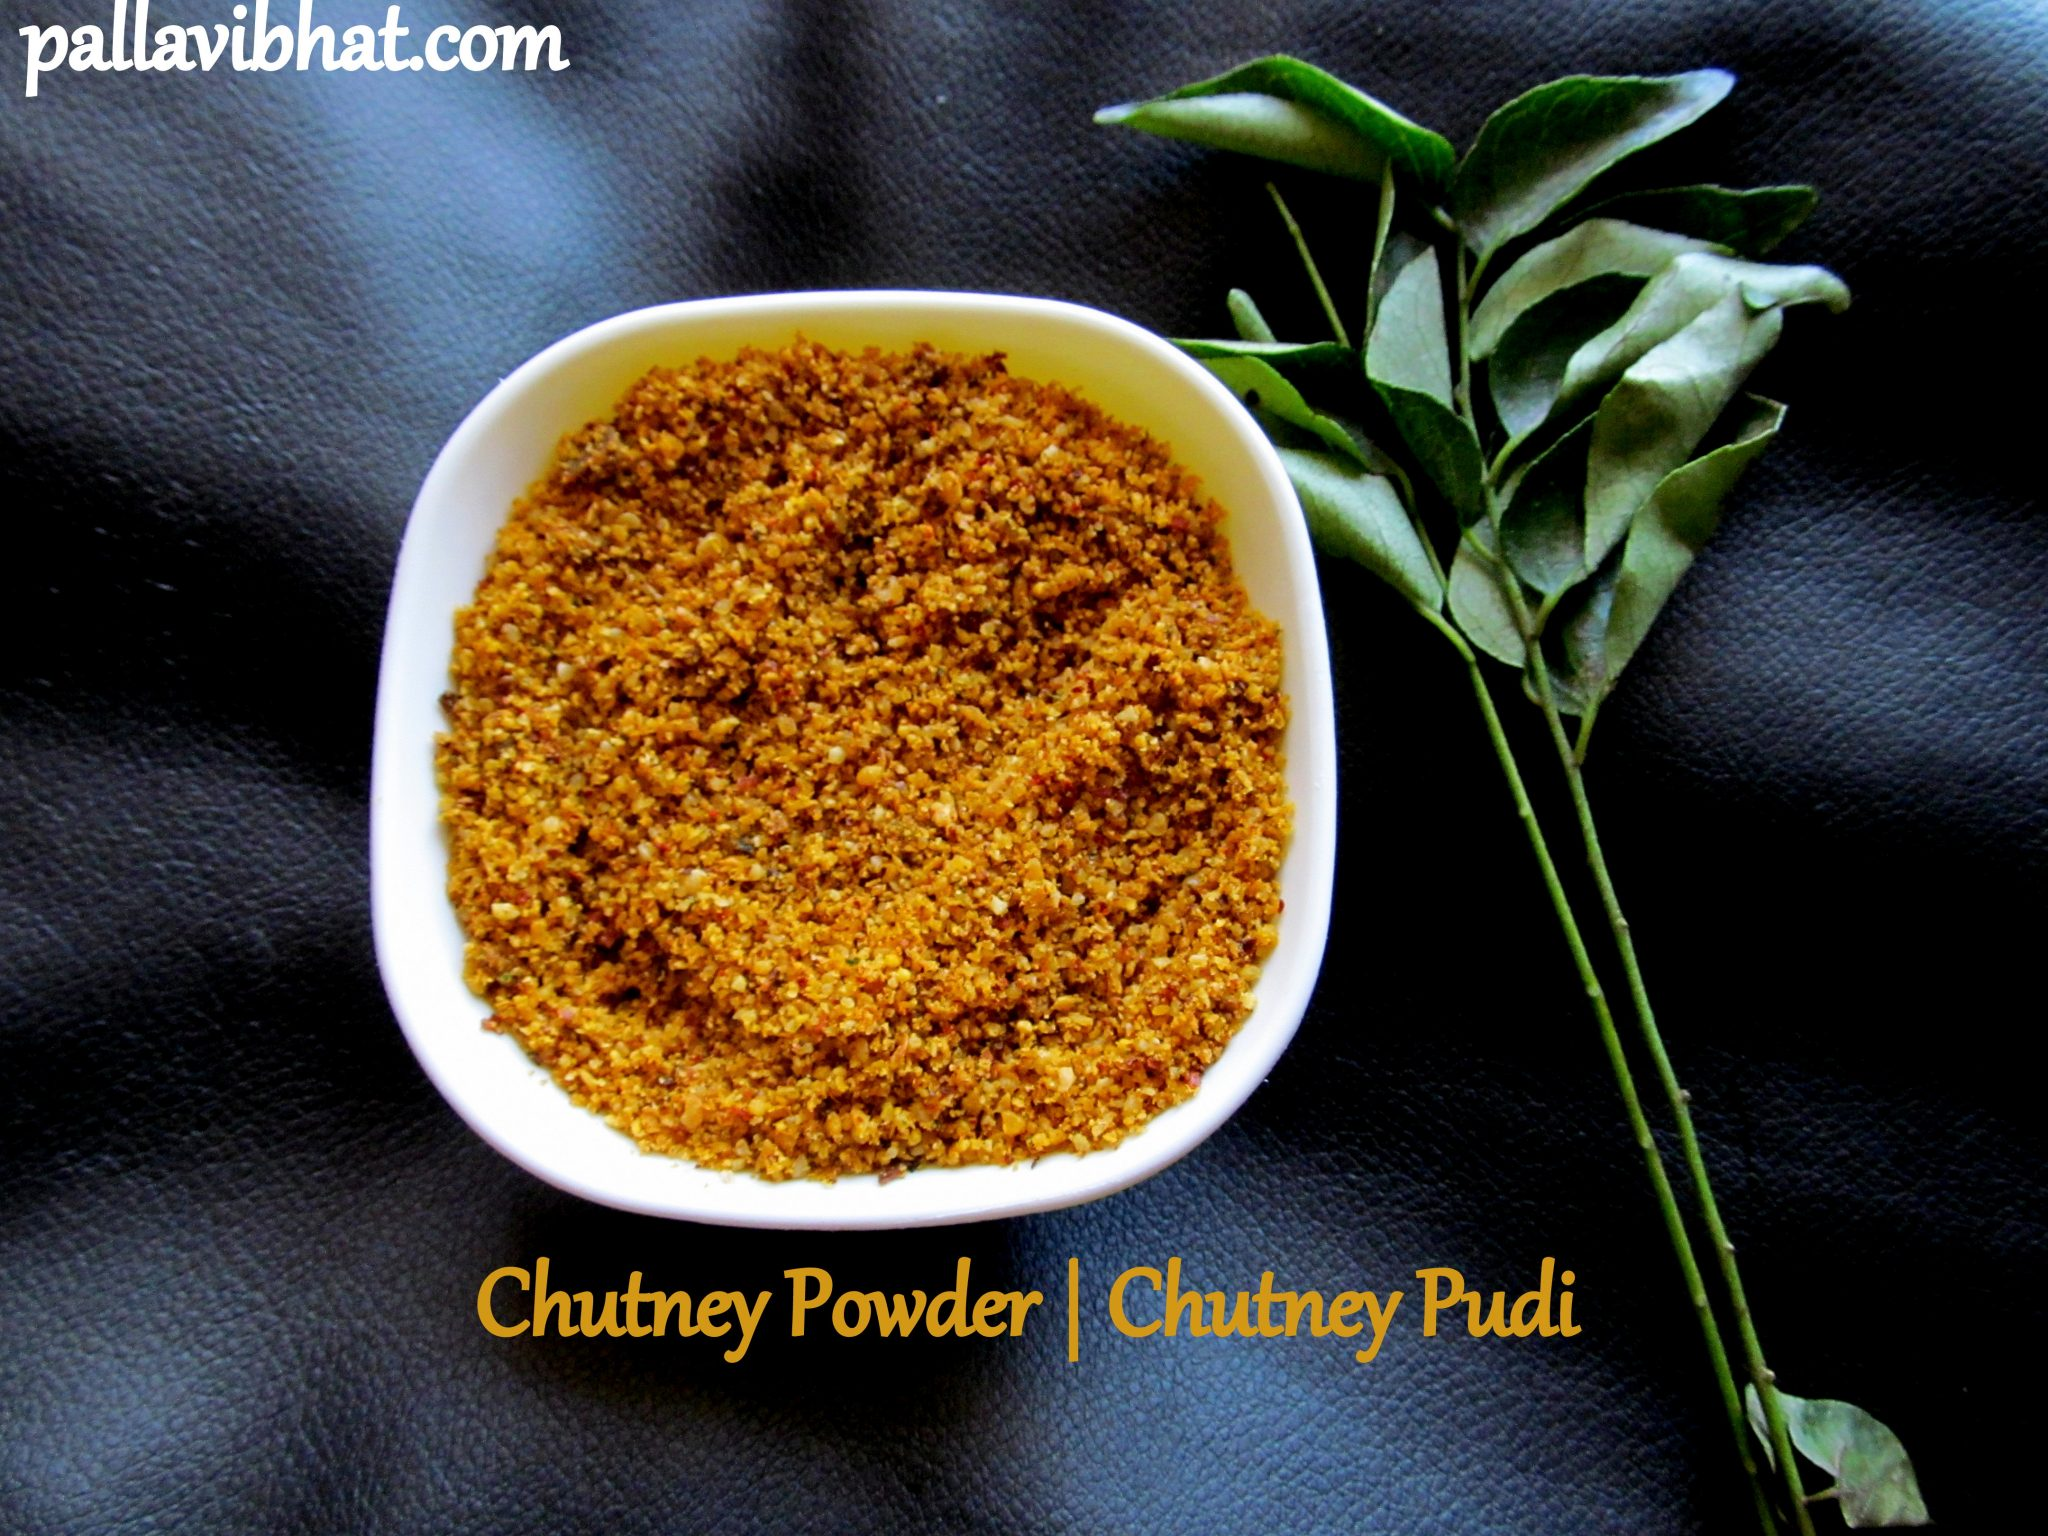 Chutney Powder Chutney Pudi